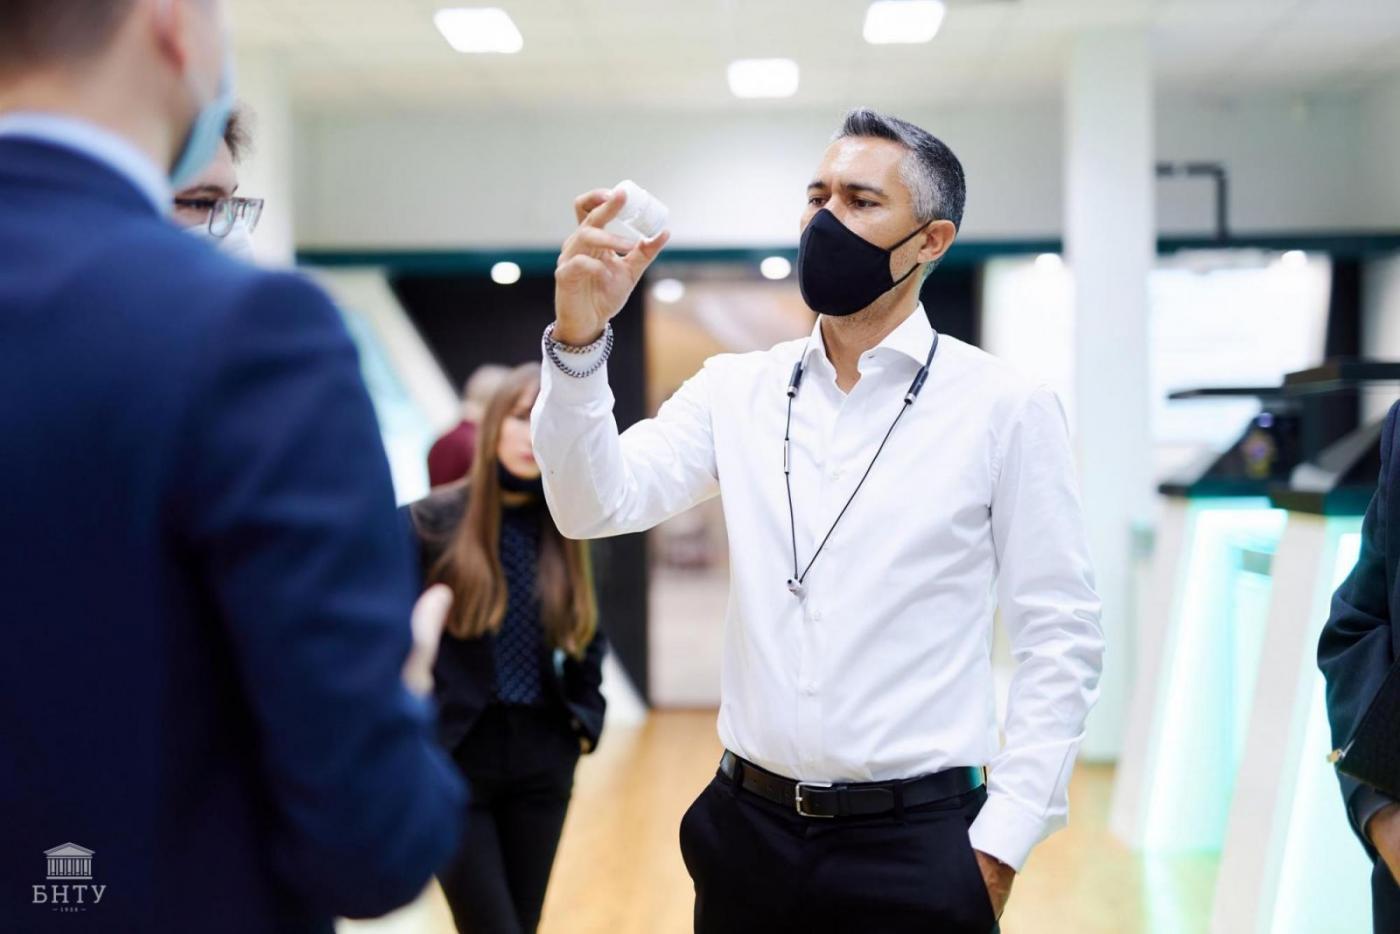 Прохождение стажировок иностранными гражданами в МИПК и ПК БНТУ. Обучение в условиях пандемии